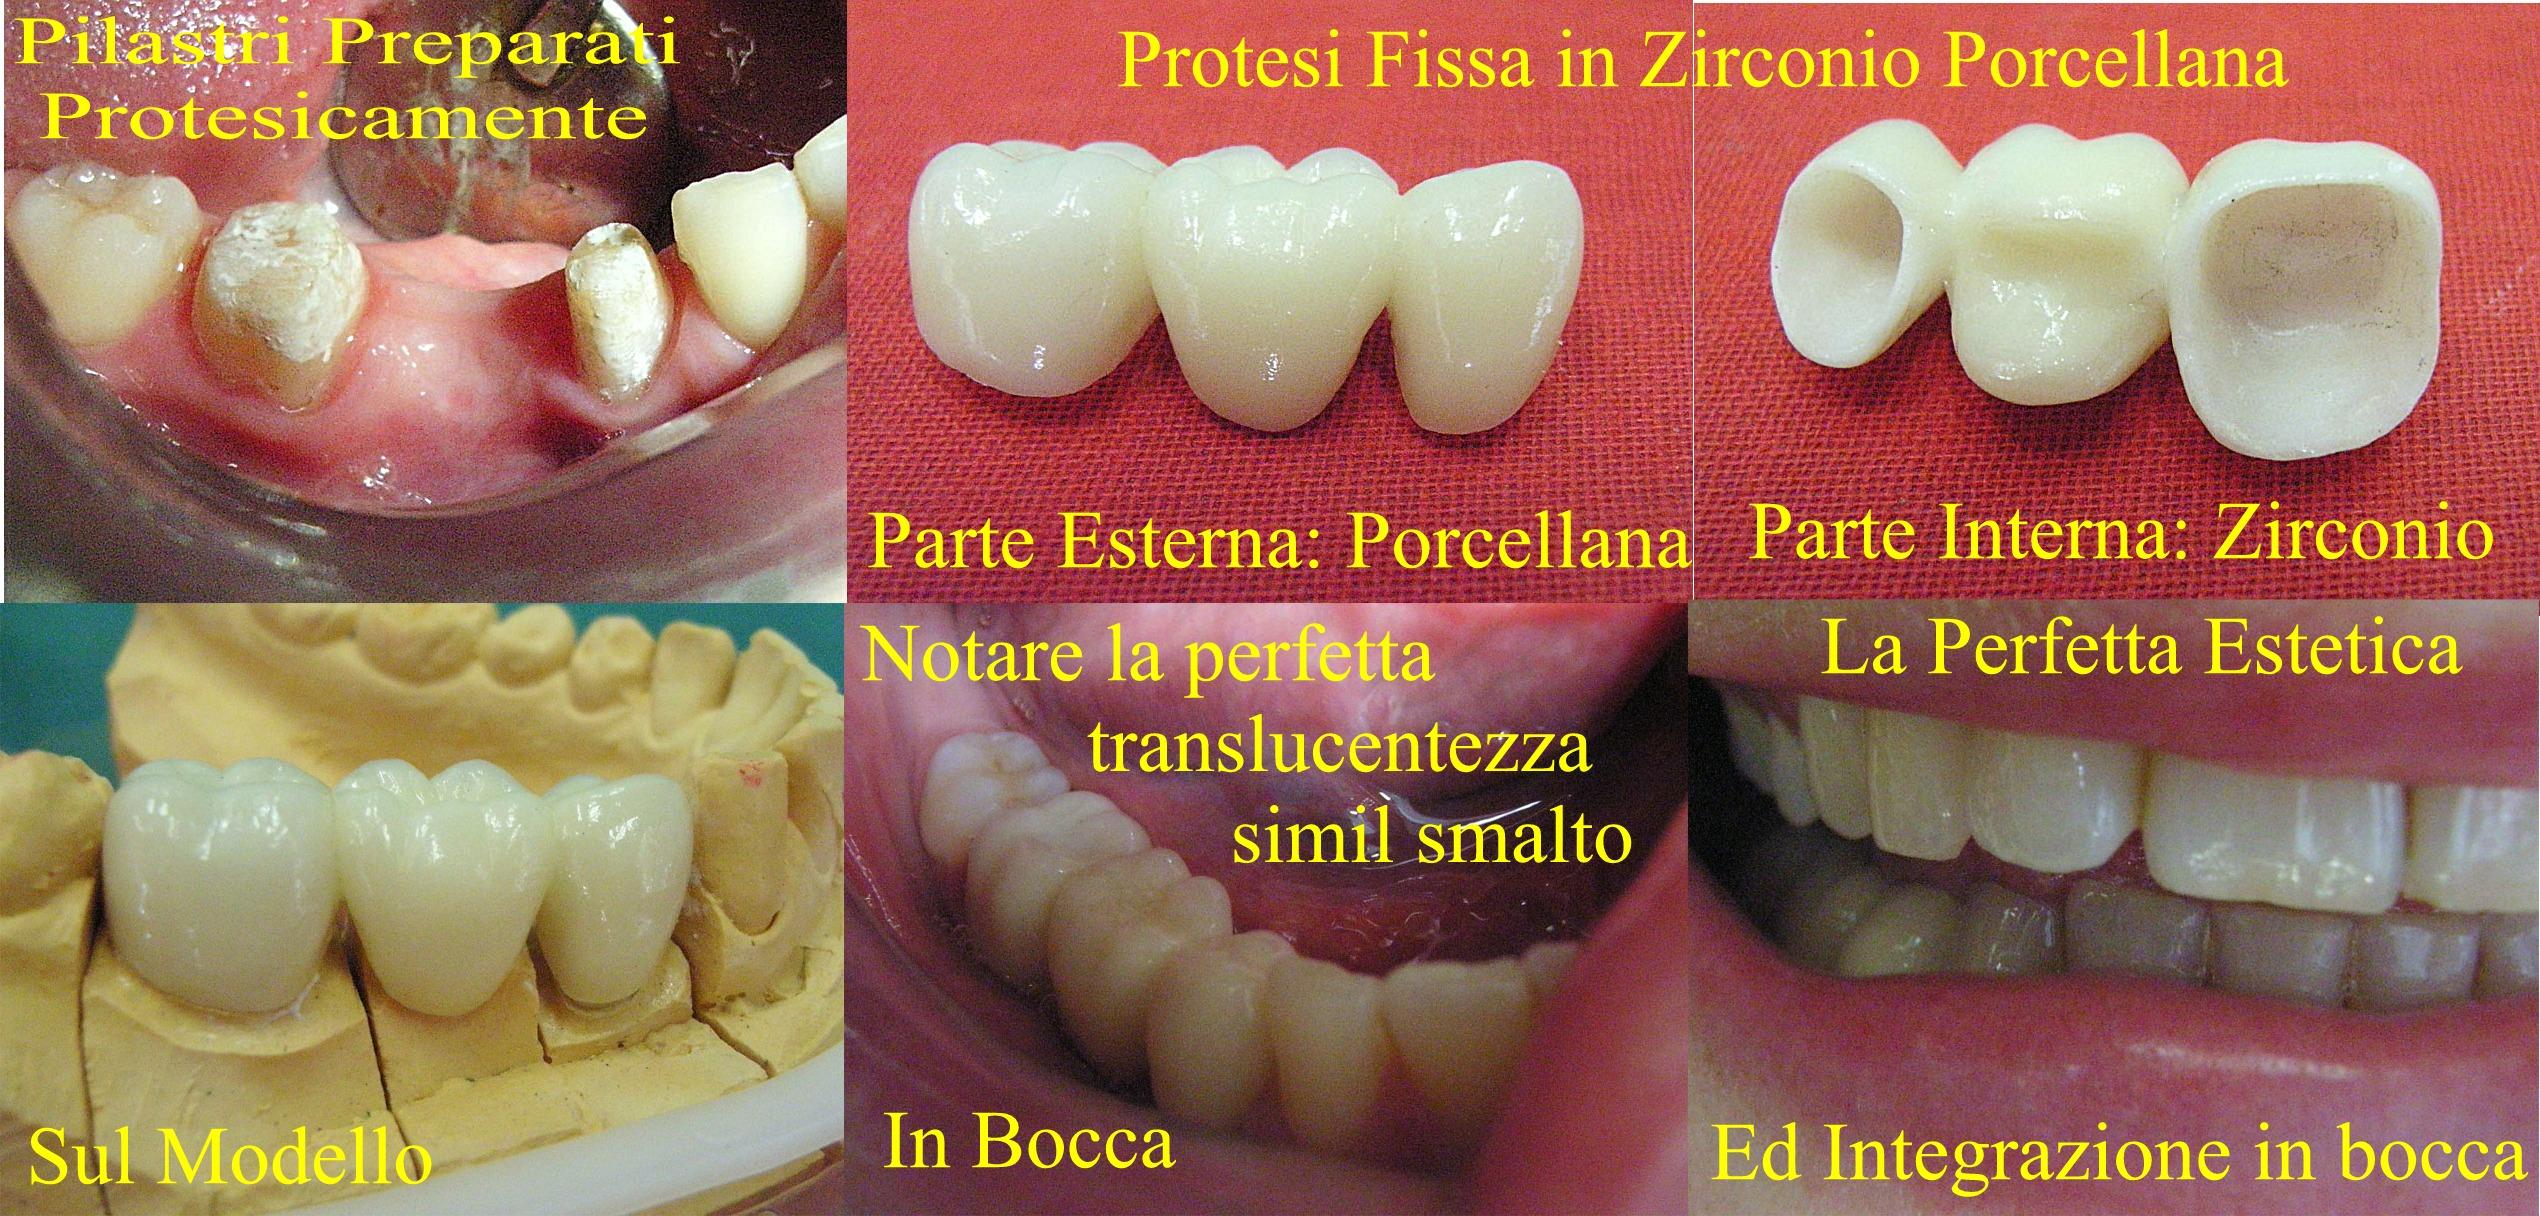 Ponte protsico in Zirconio Porcellana. Da casistica della Dr.ssa Claudia Petti di Cagliari